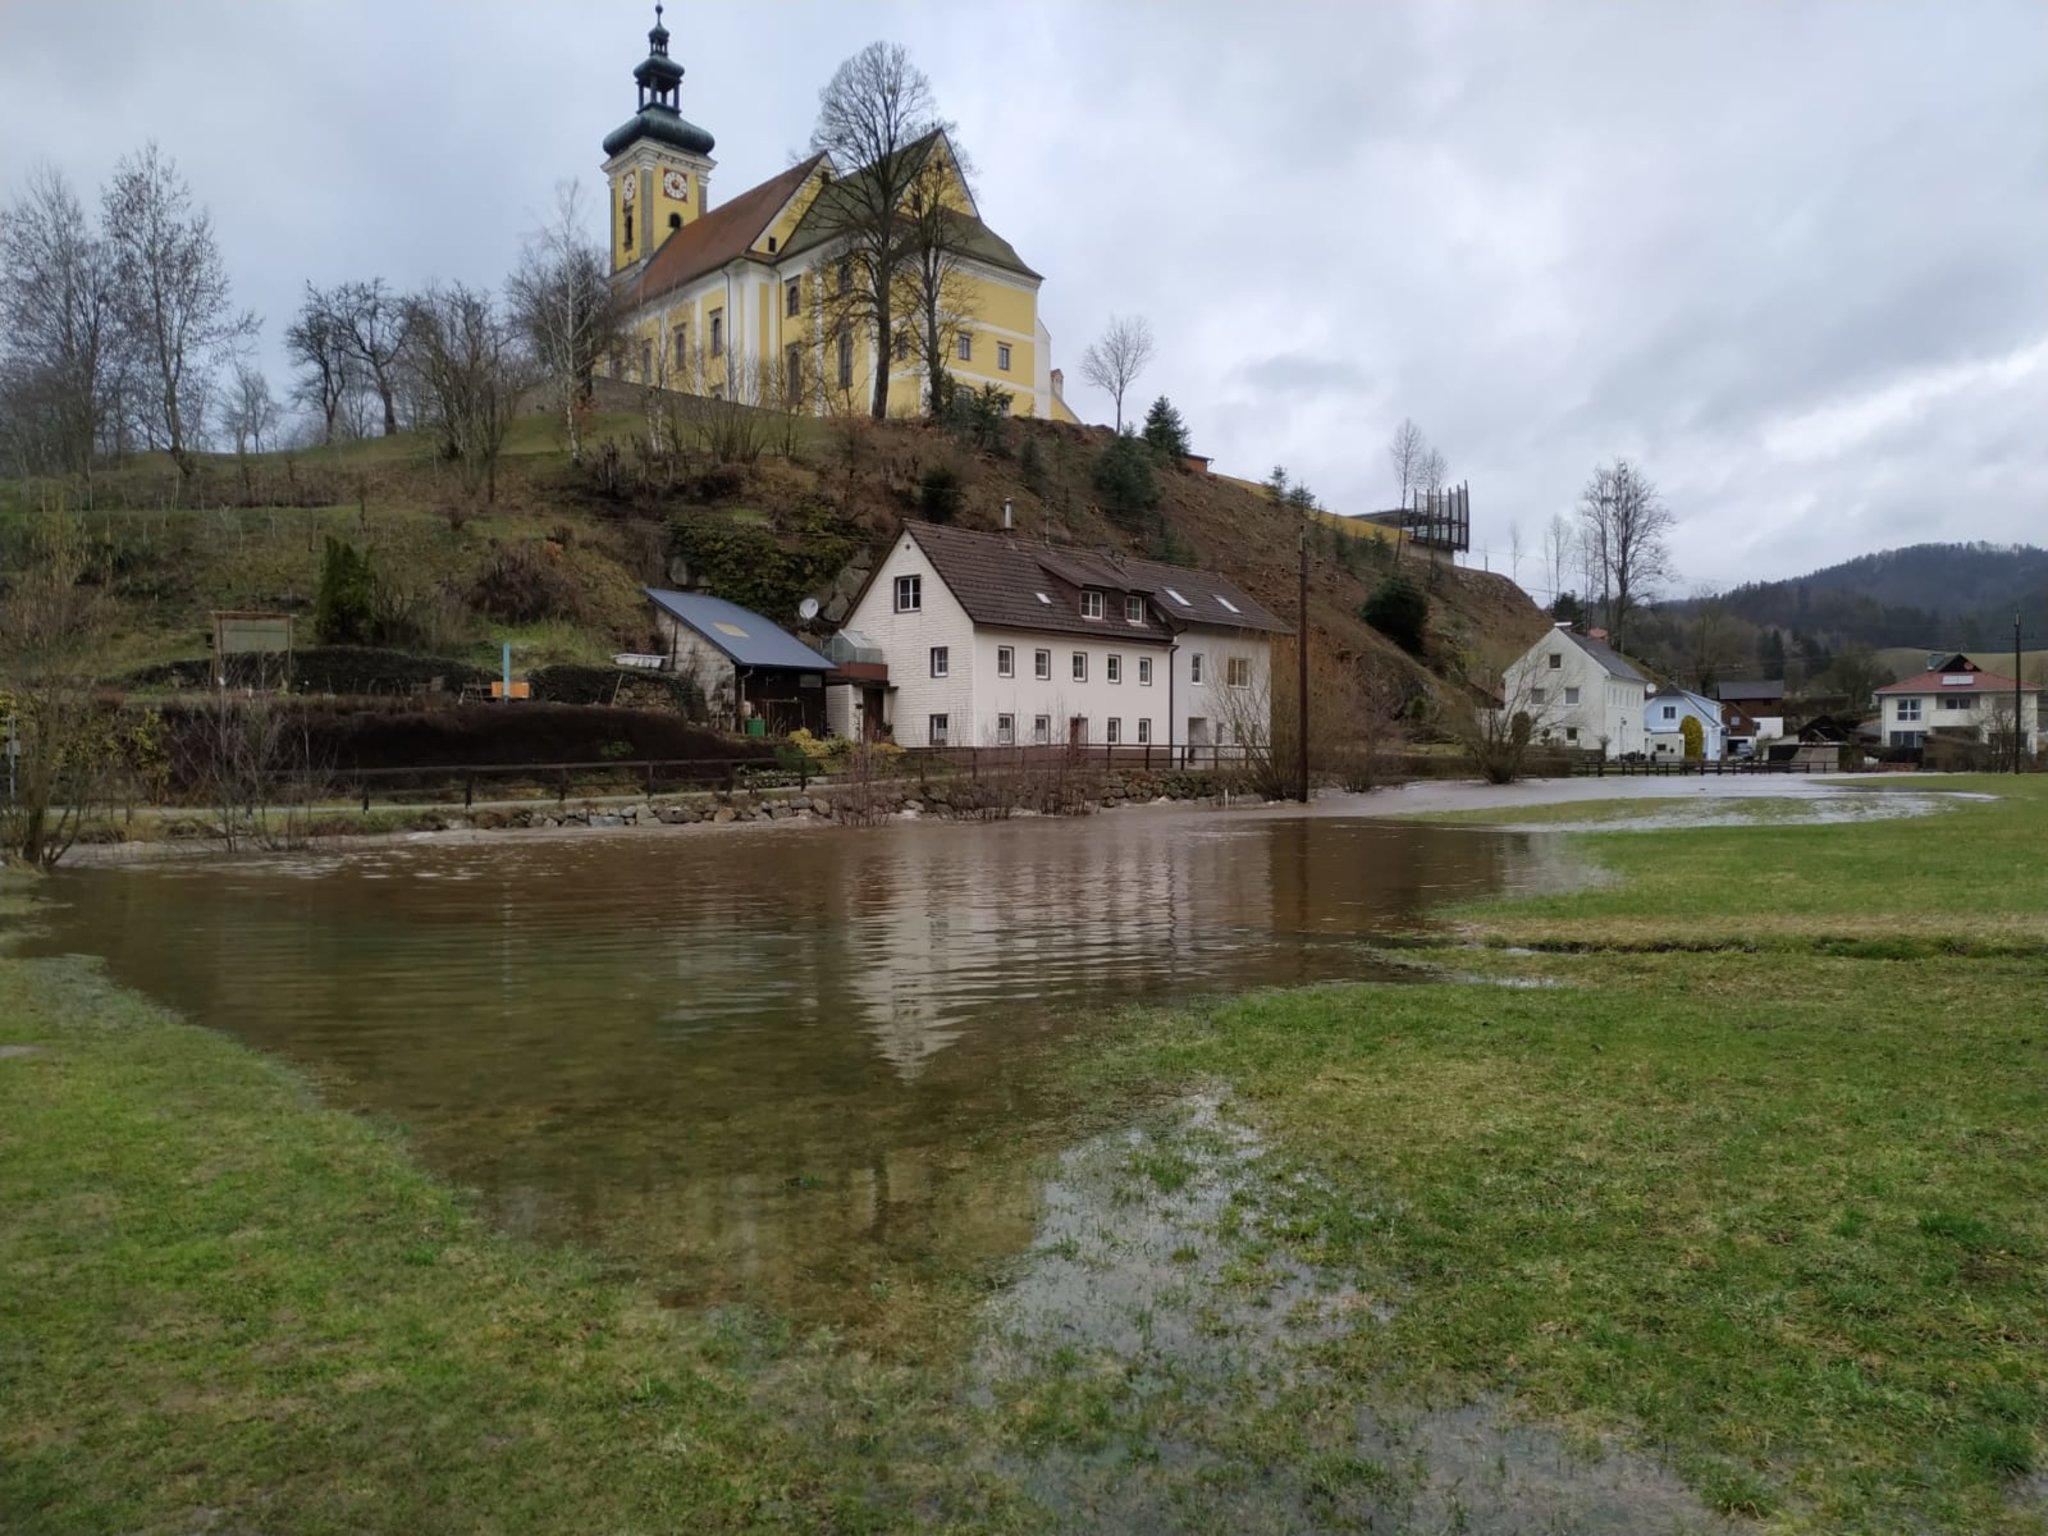 Anrainer-Initiative gegen Umwidmung im Überschwemmungsgebiet